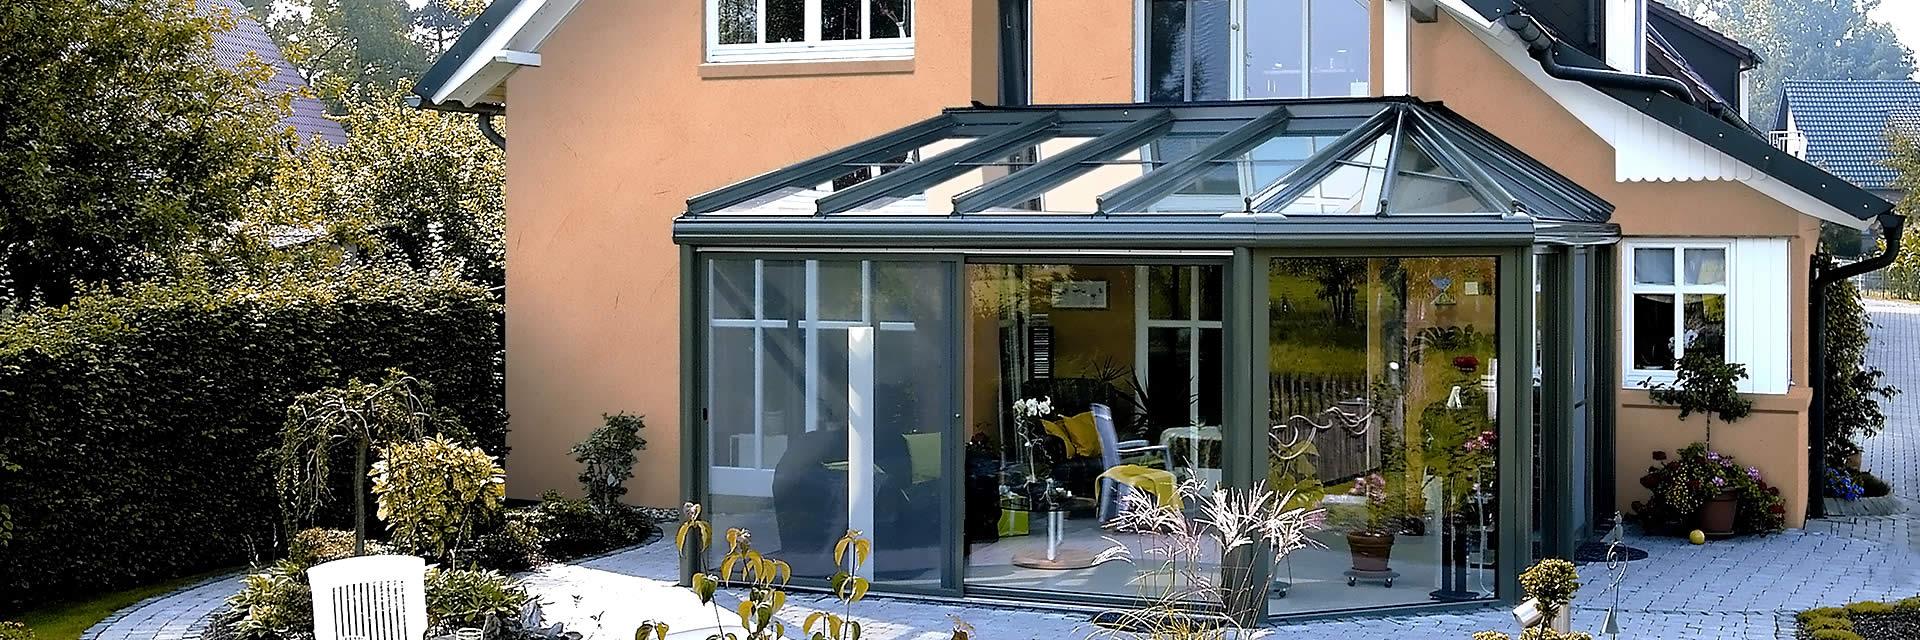 Serres en veranda wemmenhove zonwering en geveltechniek - Serre verande ...